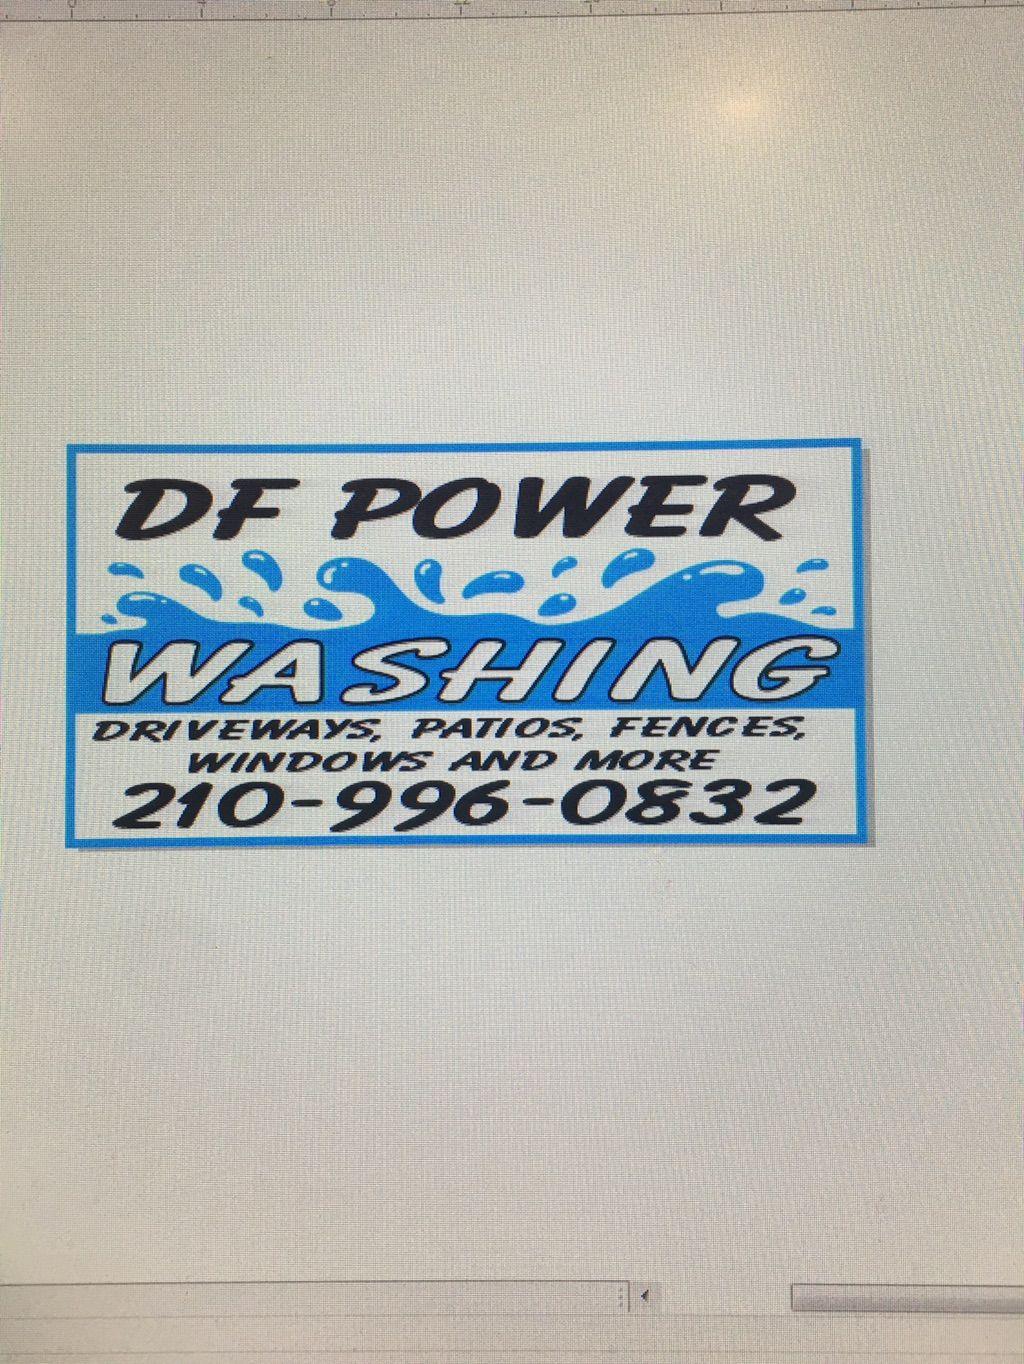 Df Powerwashing